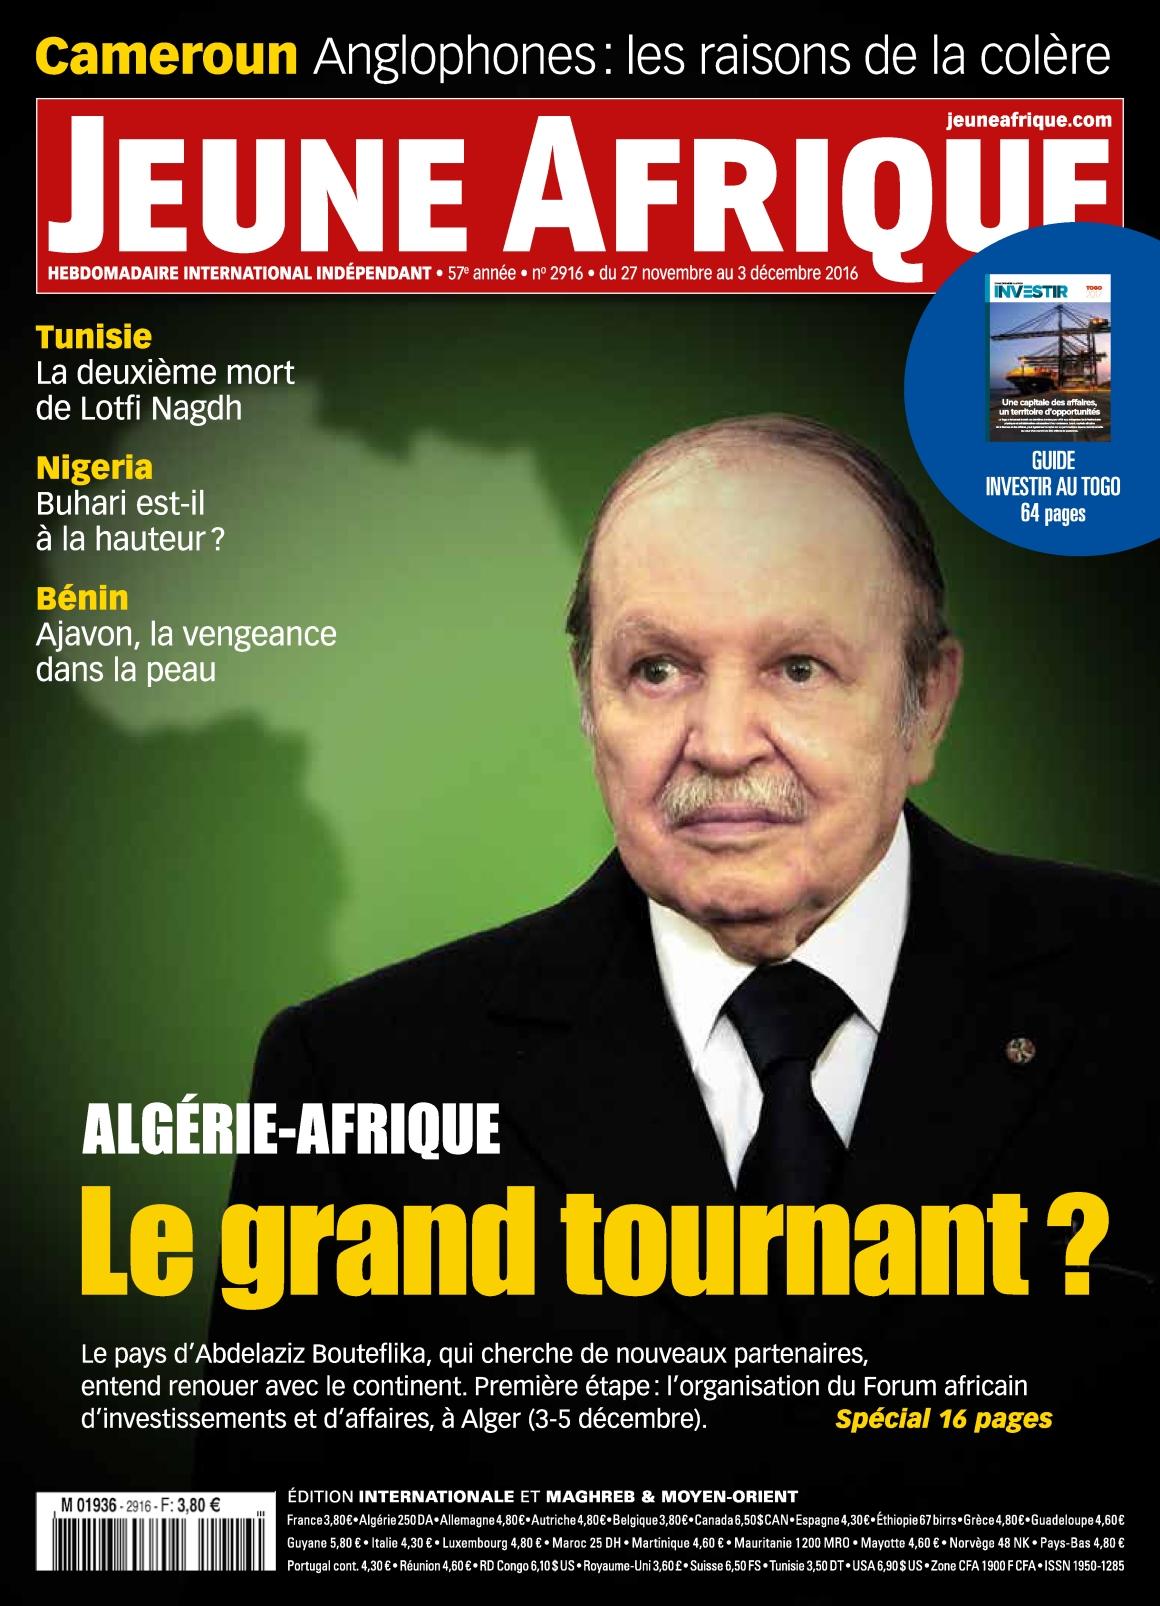 Jeune Afrique N°2916 - 27 Novembre au 3 Décembre 2016